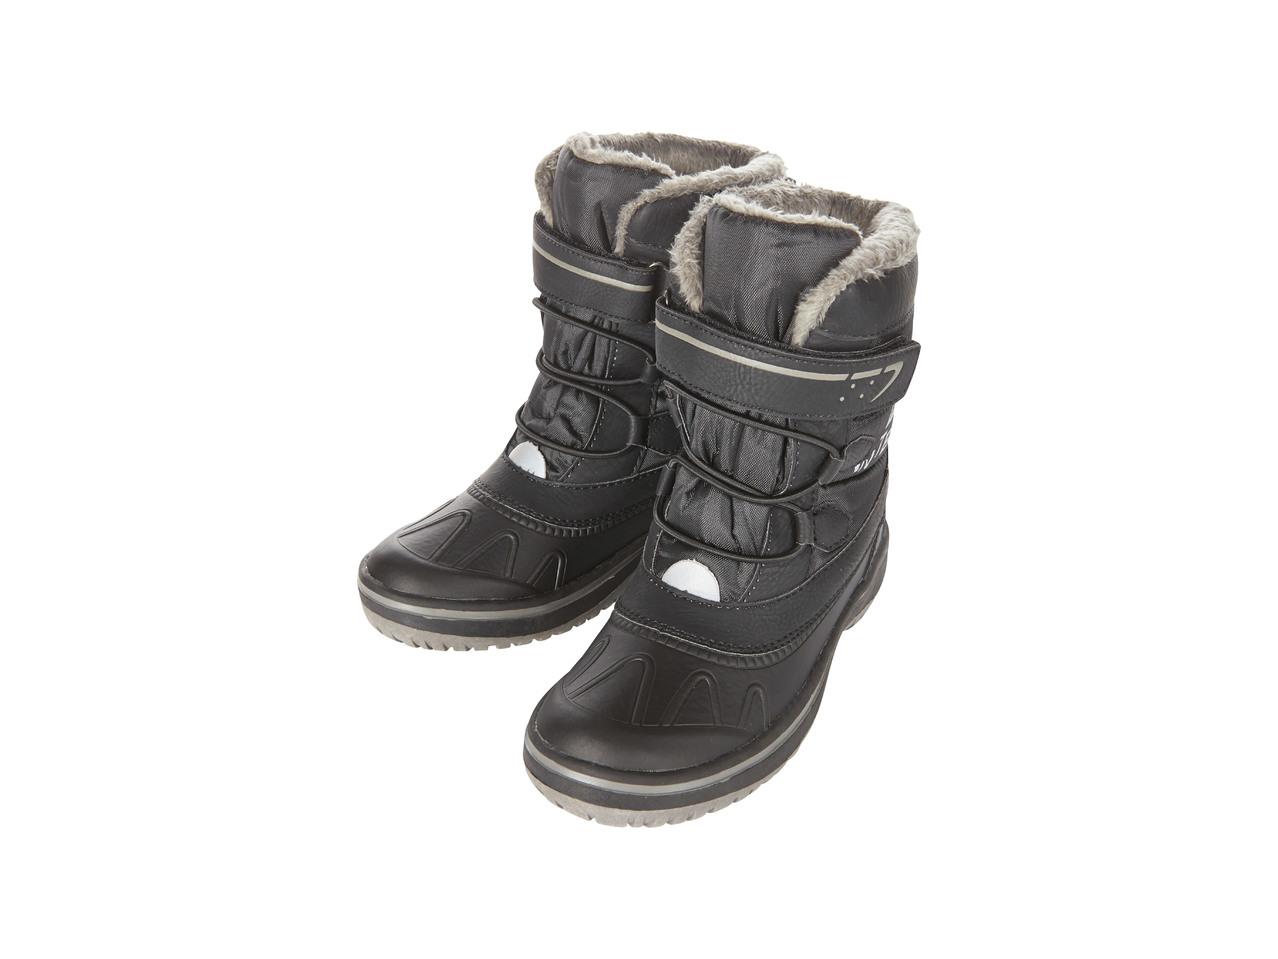 Chlapecká zimní obuv Pepperts